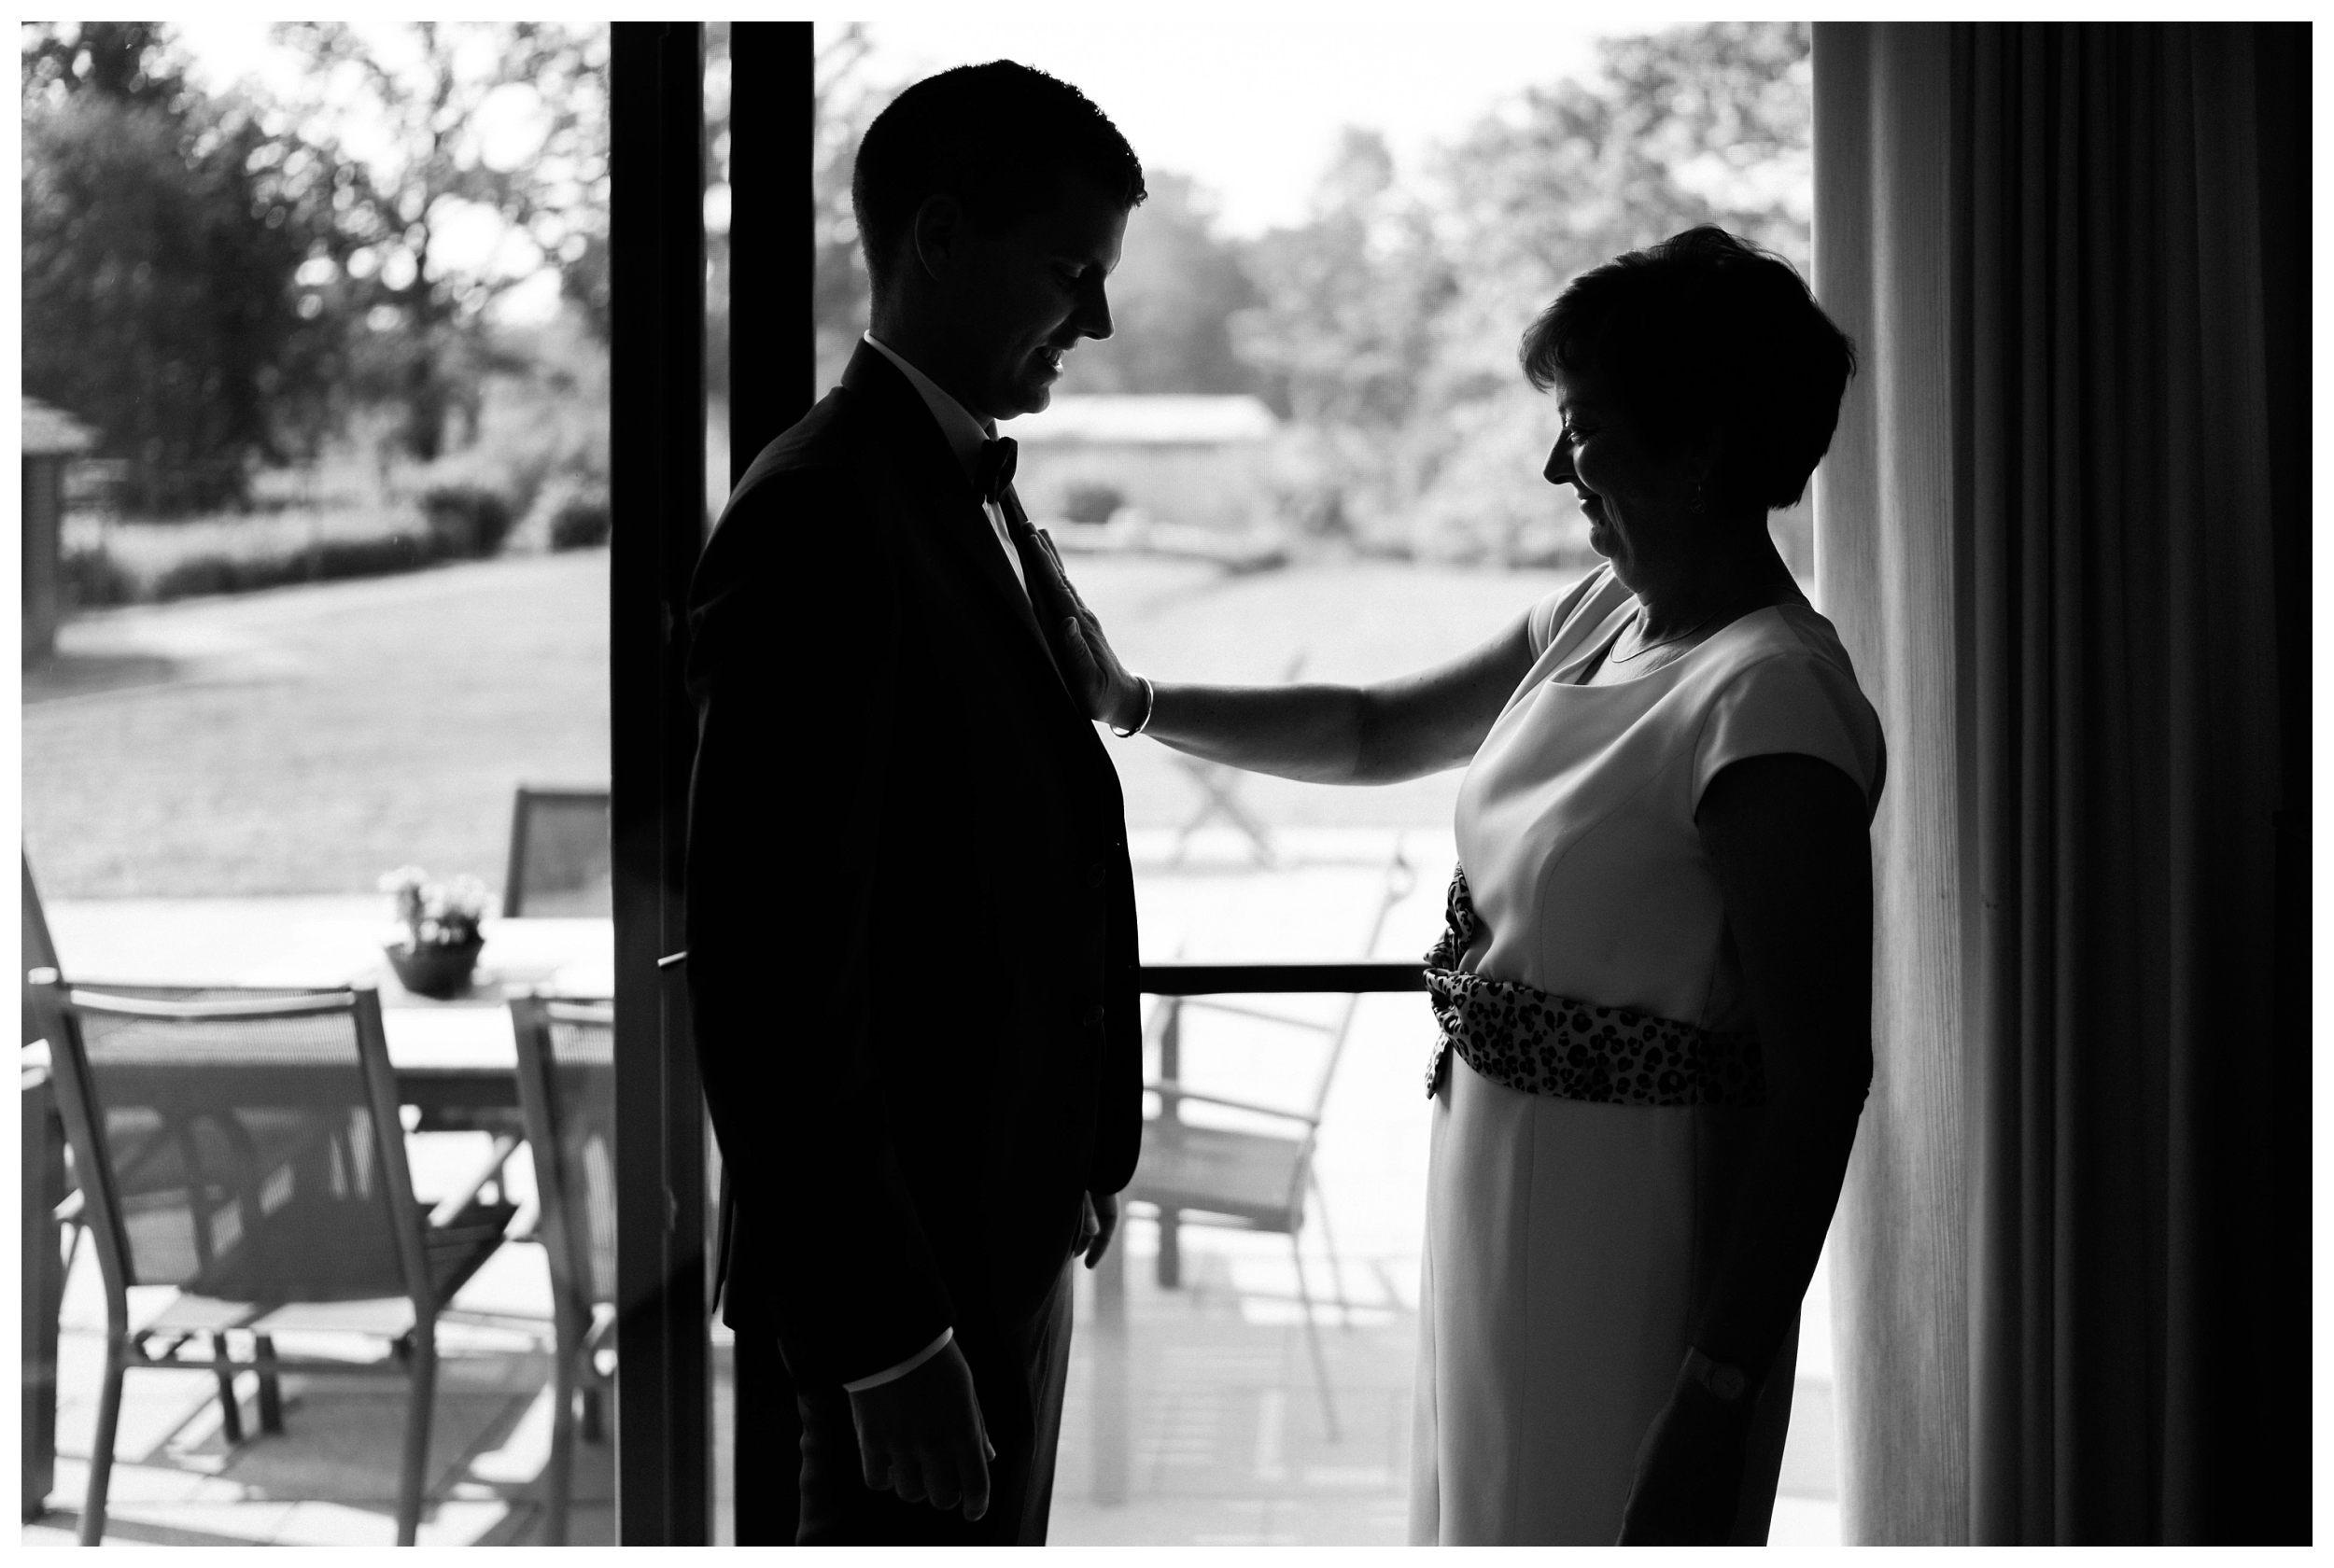 huwelijksfotograaf bruidsfotograaf destinationwedding huwelijksfotografie in mol oostham (4).jpg